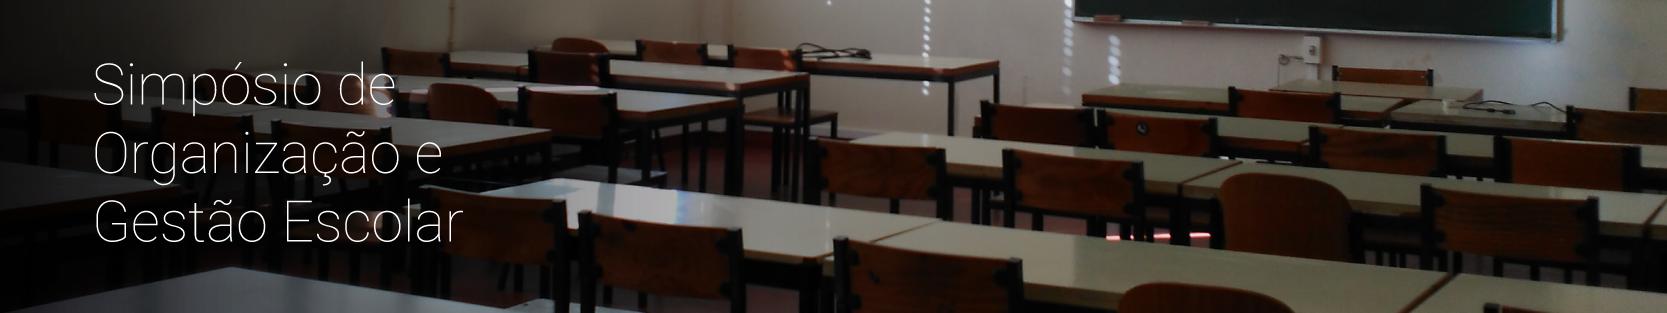 Simpósio de Organização e Gestão Escolar